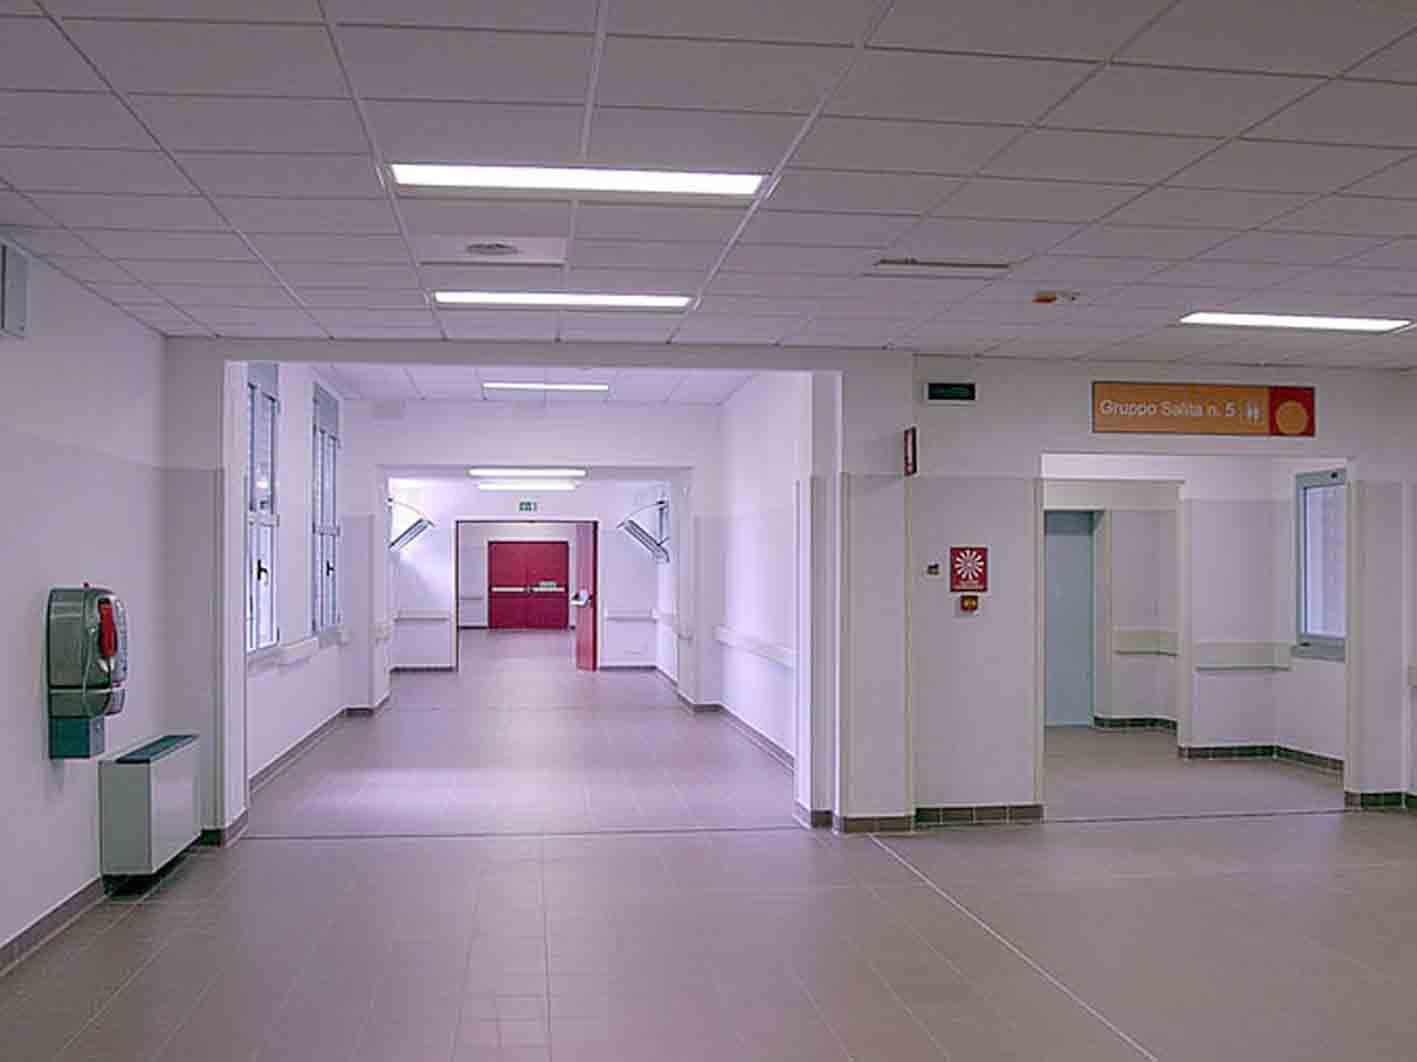 Aborto con pillola Ru486, morta una donna all'ospedale di Torino